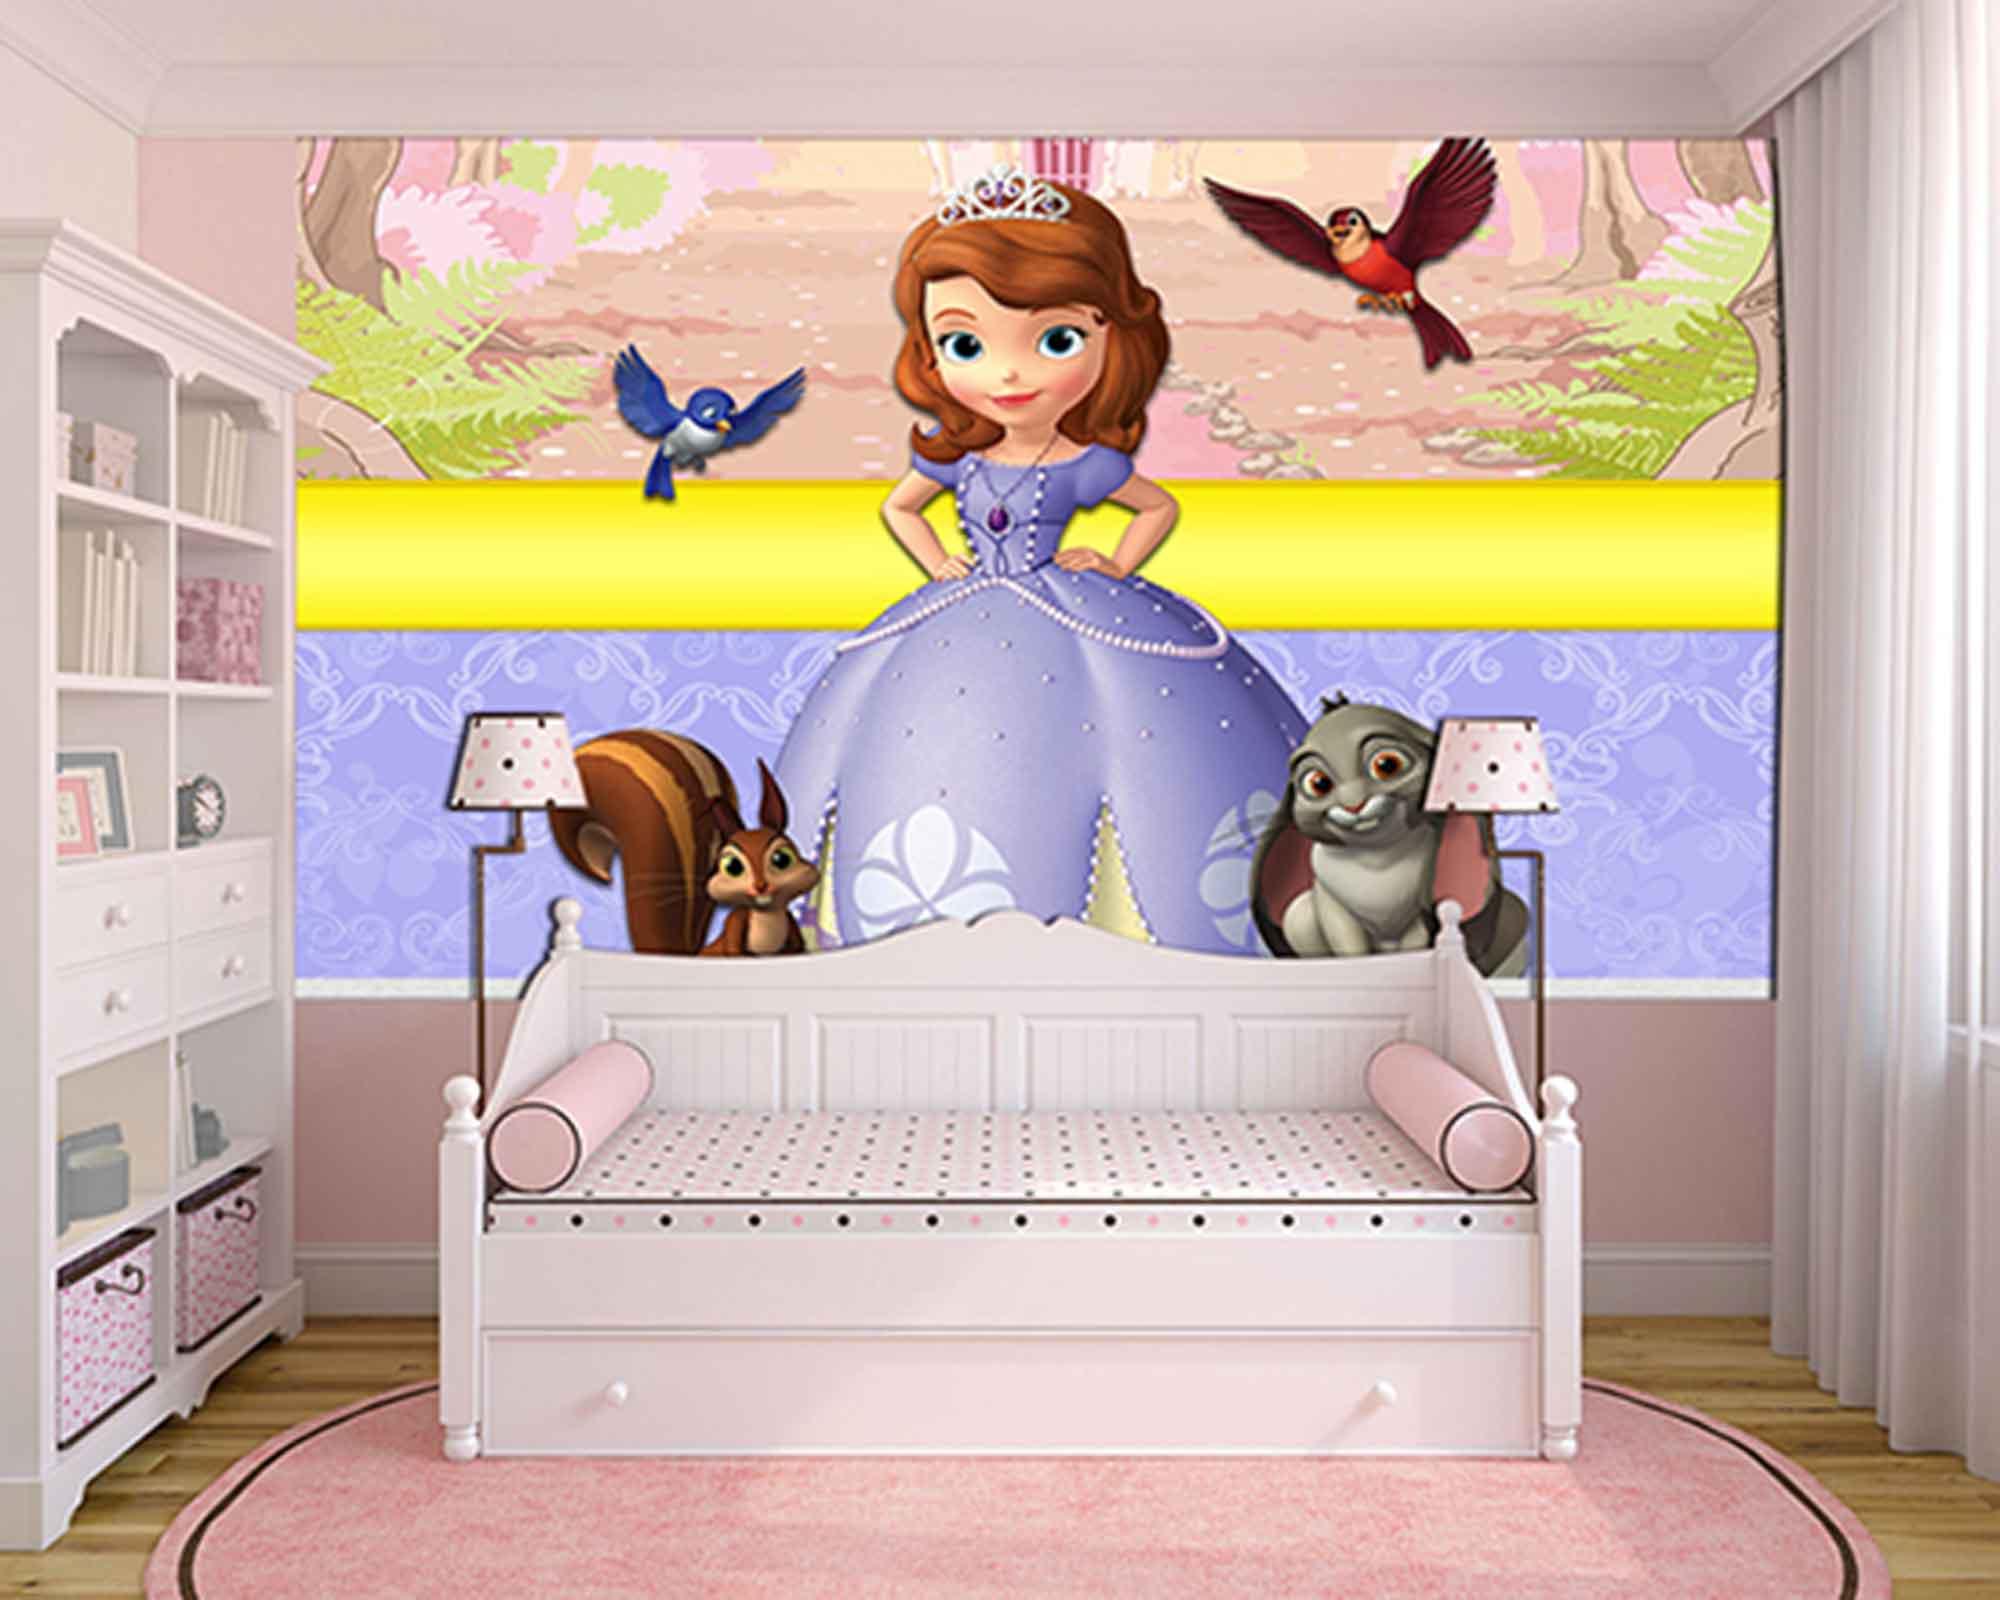 Papel de Parede Infantil Princesa Sofia  0006  - Paredes Decoradas